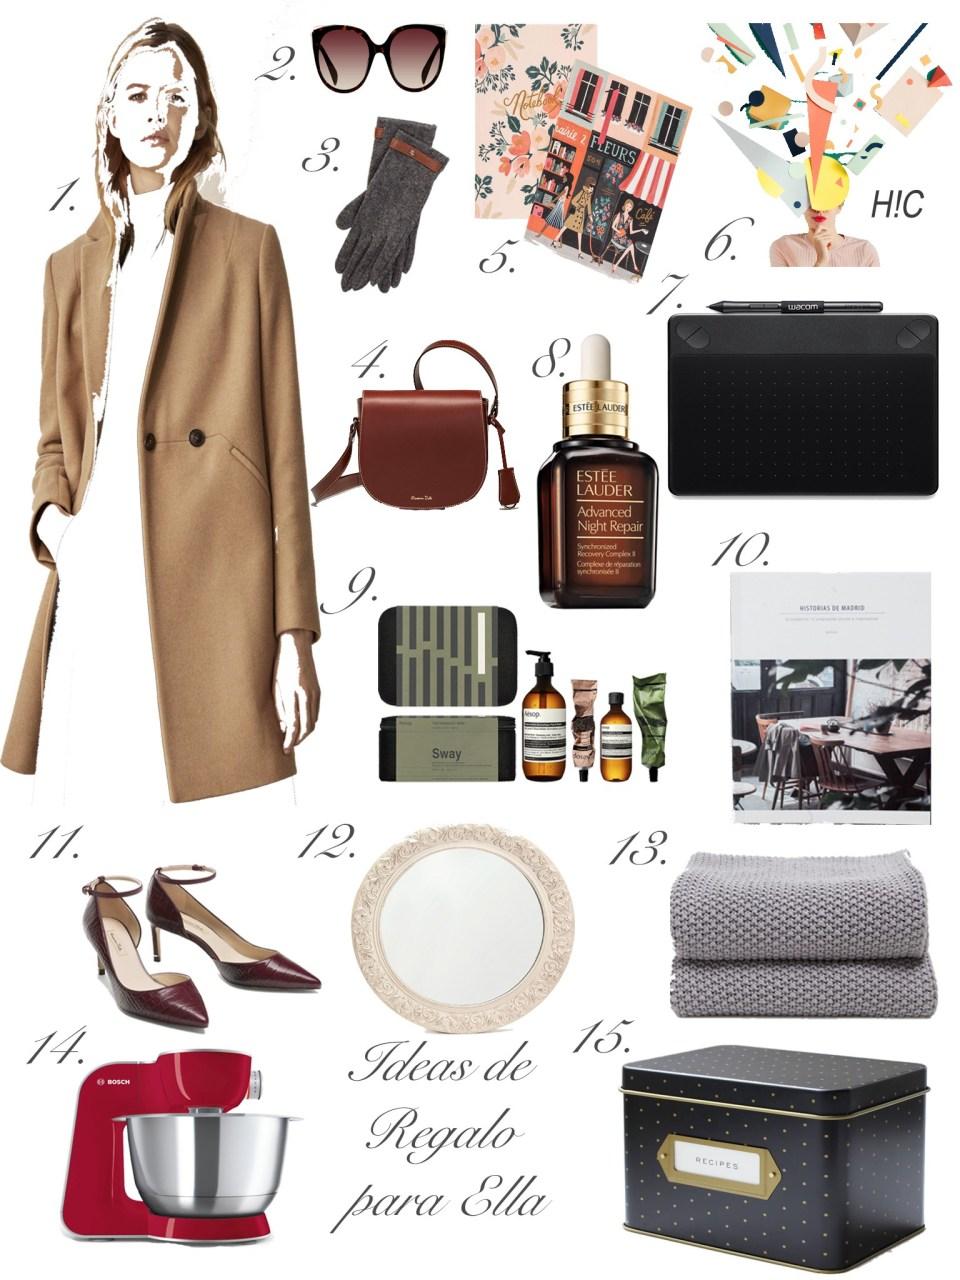 Gift Guide: 15 Ideas de Regalo para ella